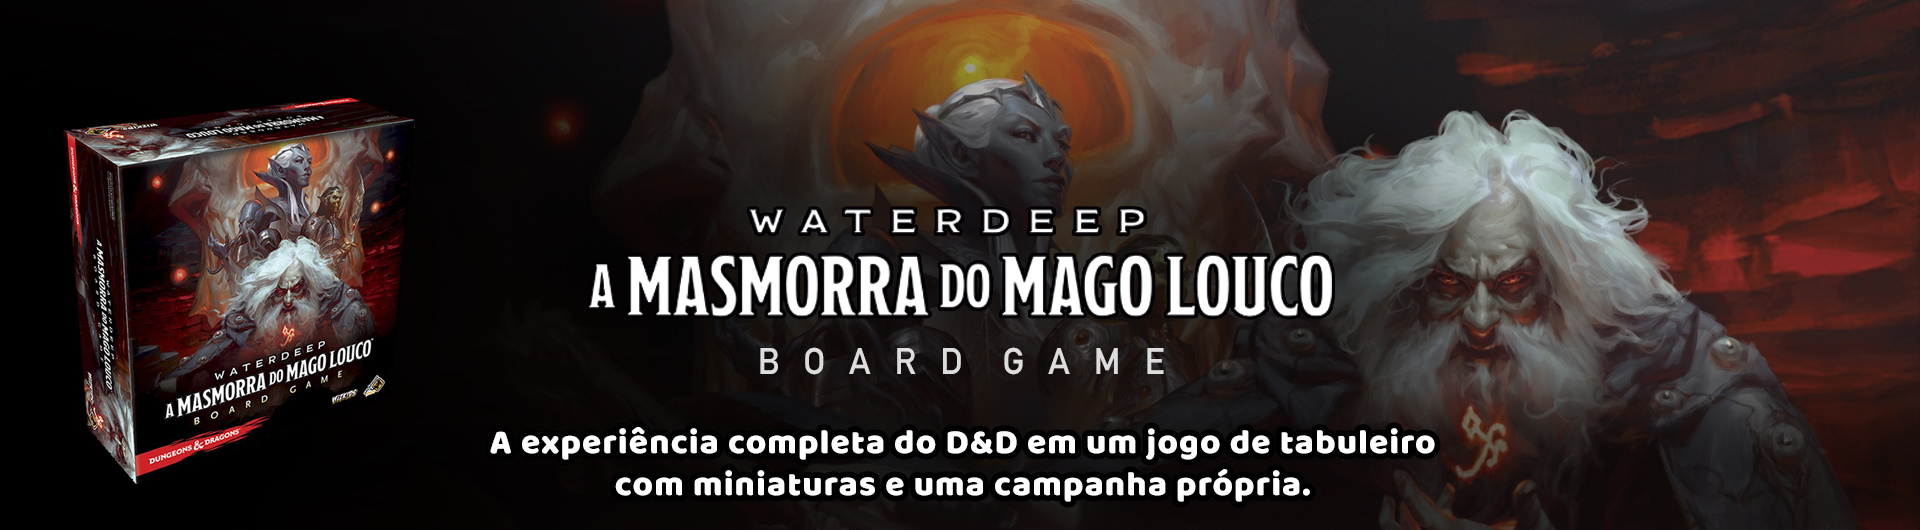 dungeons-dragons-masmorra-mago